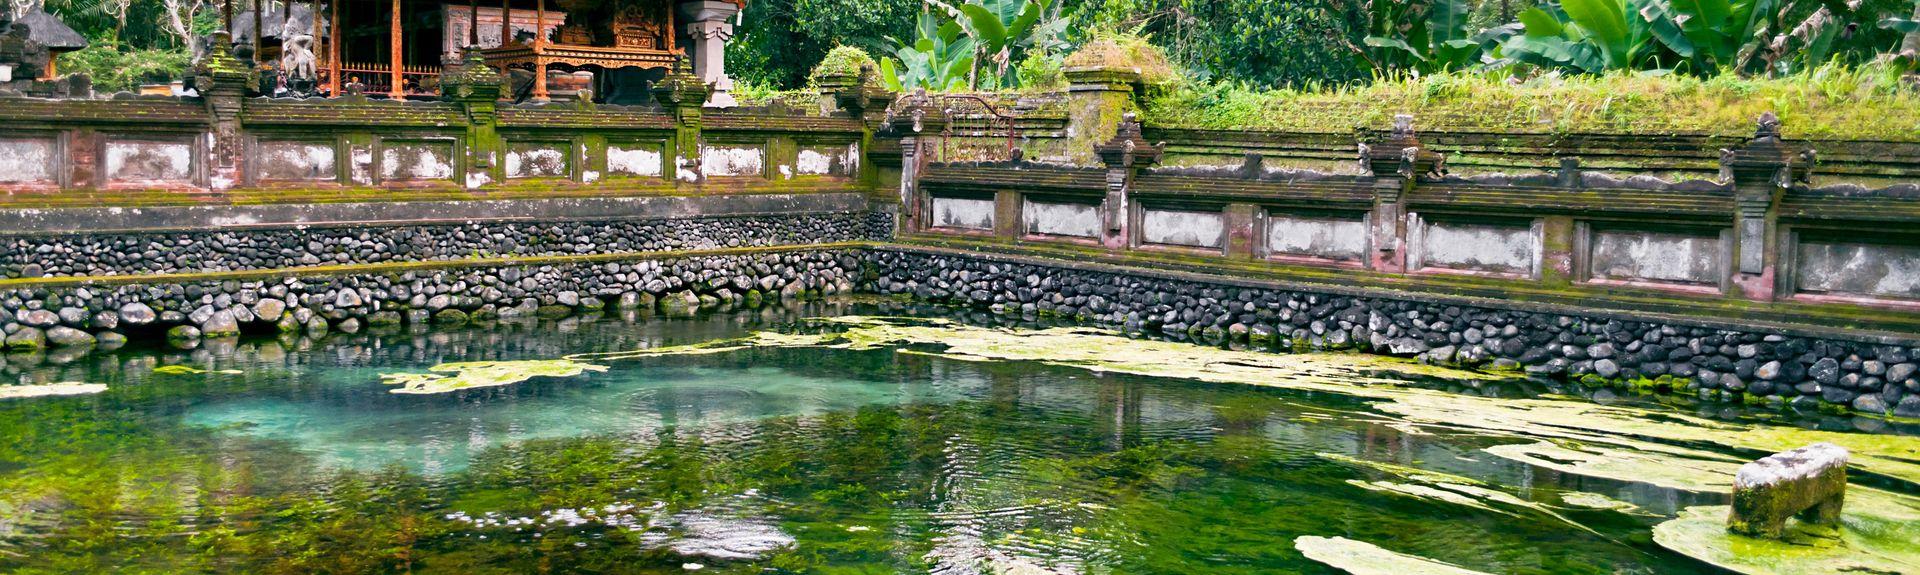 Ubud, Bali, Indonesien